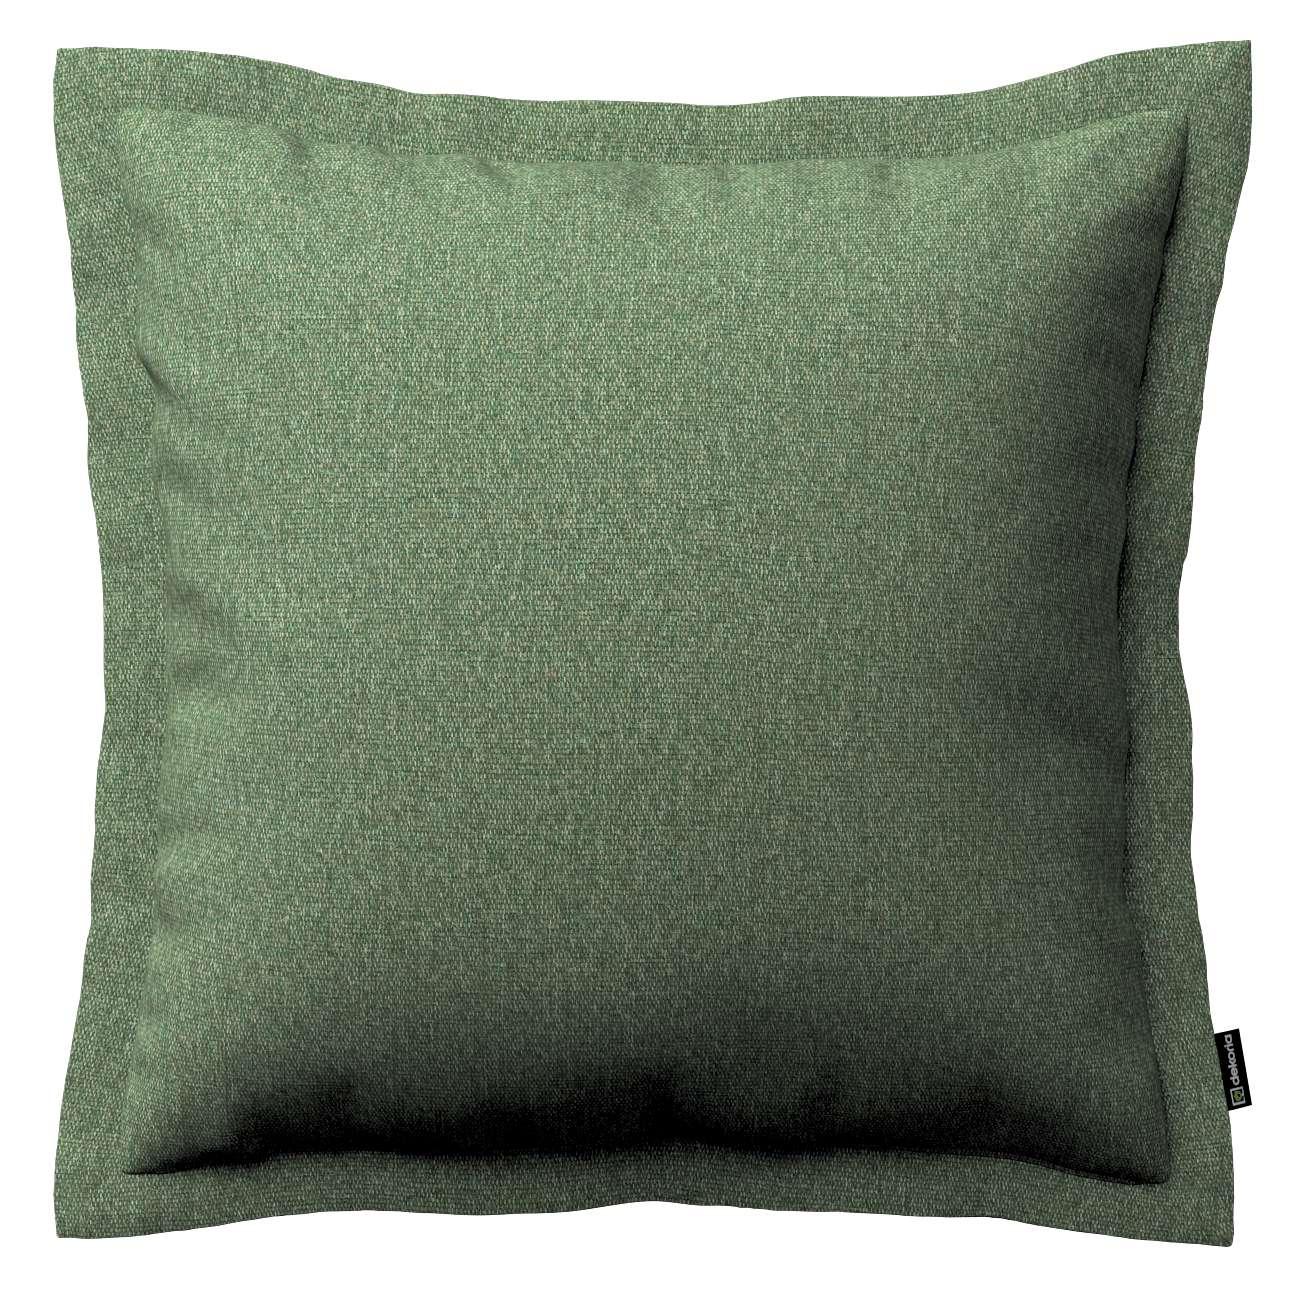 Poszewka Mona na poduszkę w kolekcji Amsterdam, tkanina: 704-44